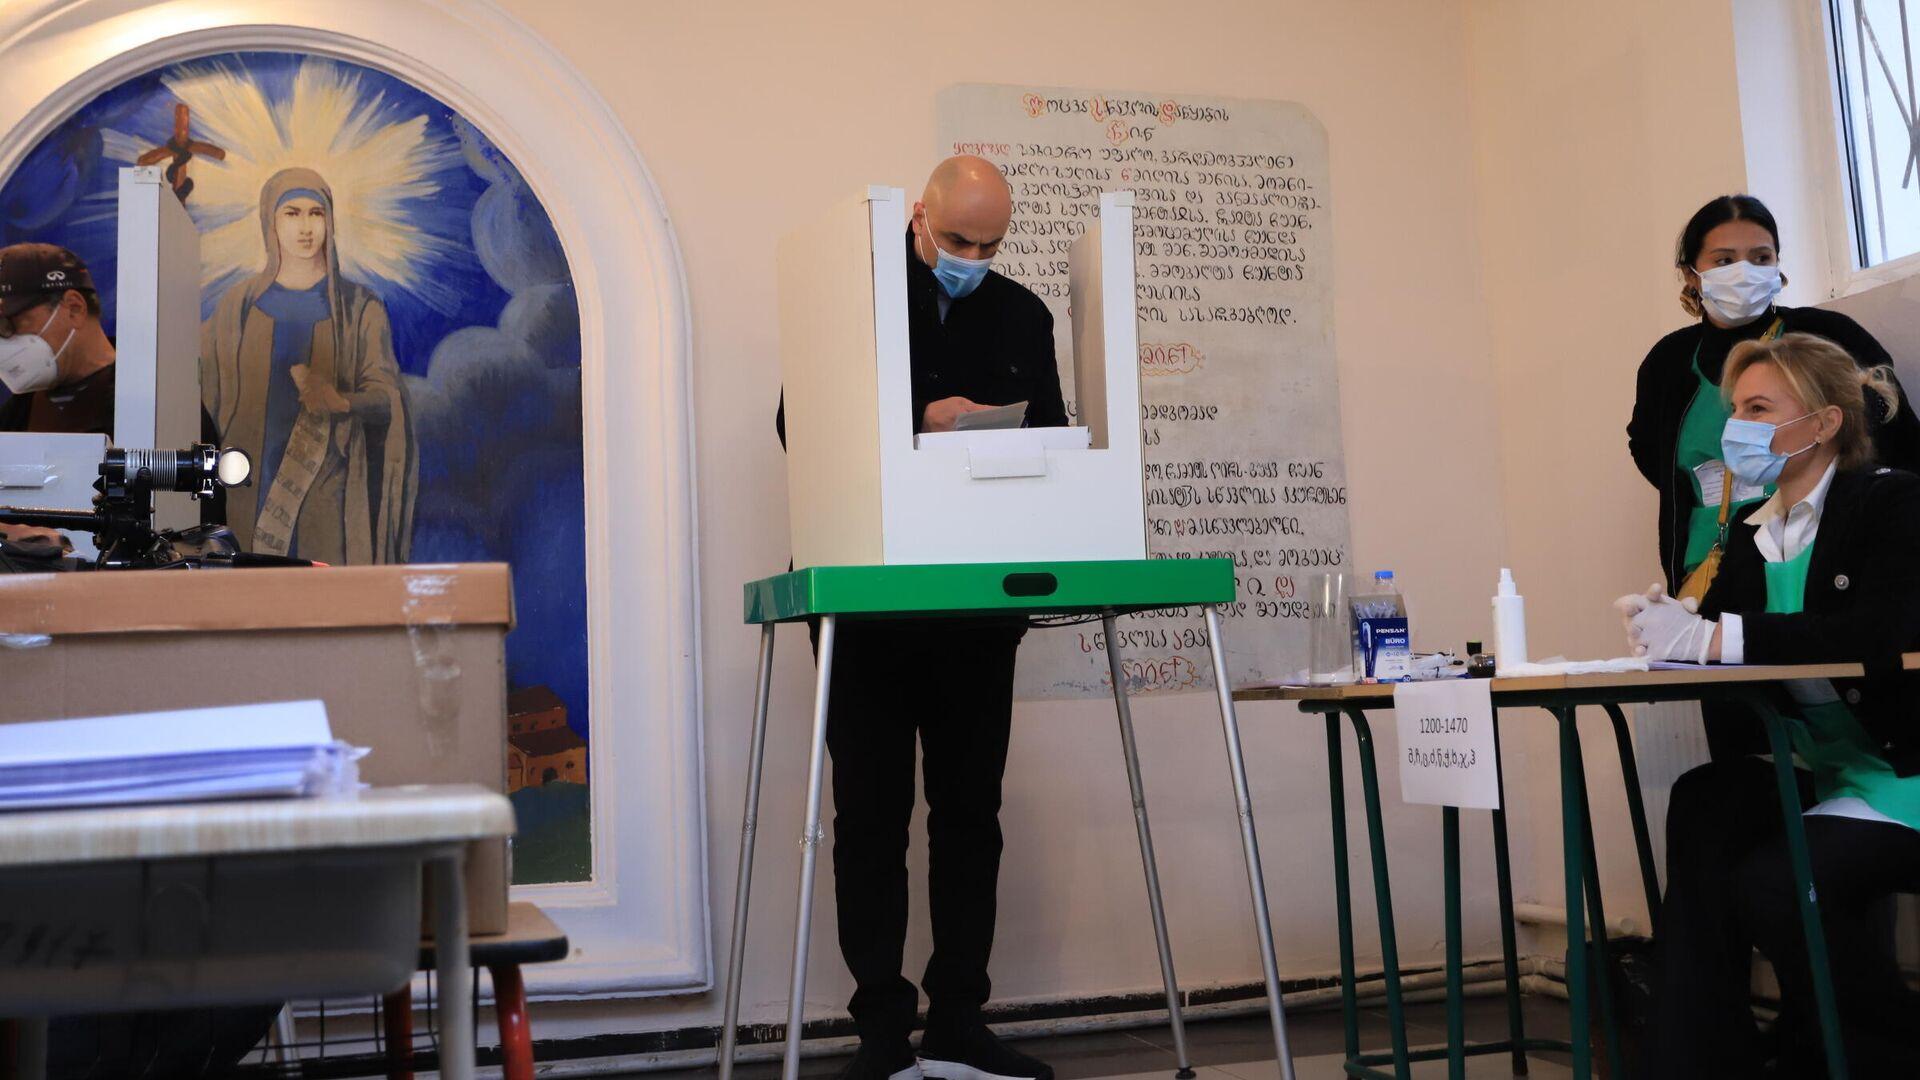 Ника Мелия участвует в голосовании. Местные выборы в Грузии 2 октября   - Sputnik Грузия, 1920, 02.10.2021